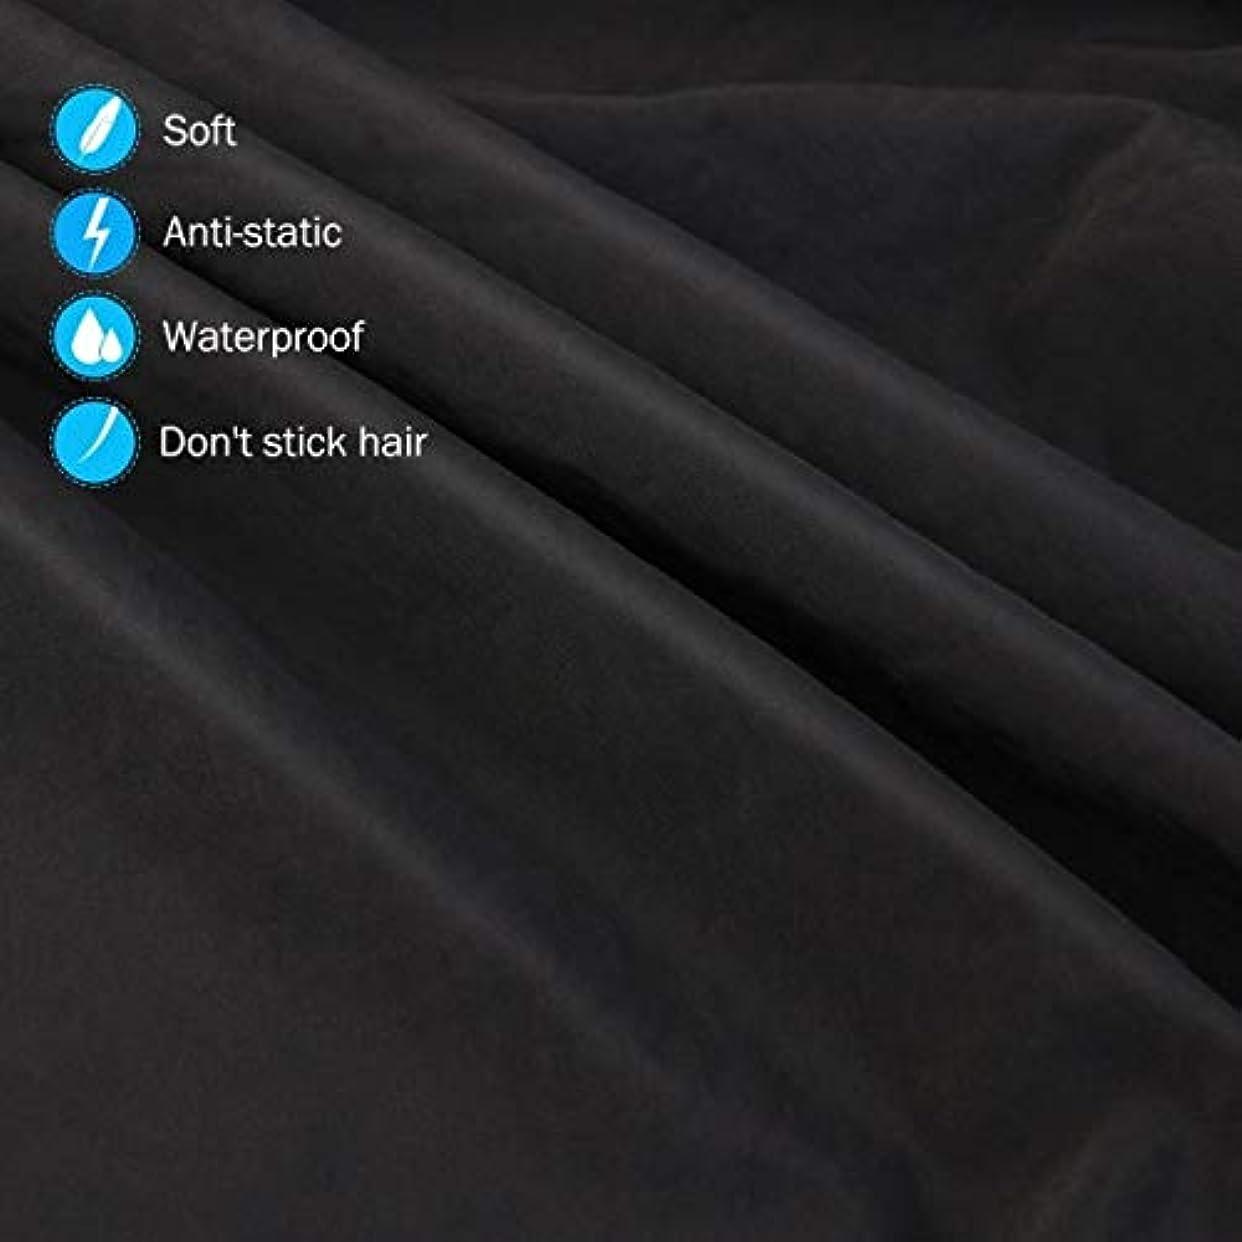 アンプ横向き自動的にHIZLJJ 大広間の家の理髪師の観覧の窓が付いている理髪ケープのガウン毛の切断のための目に見える観覧の窓が付いている防水大広間のガウンのエプロン